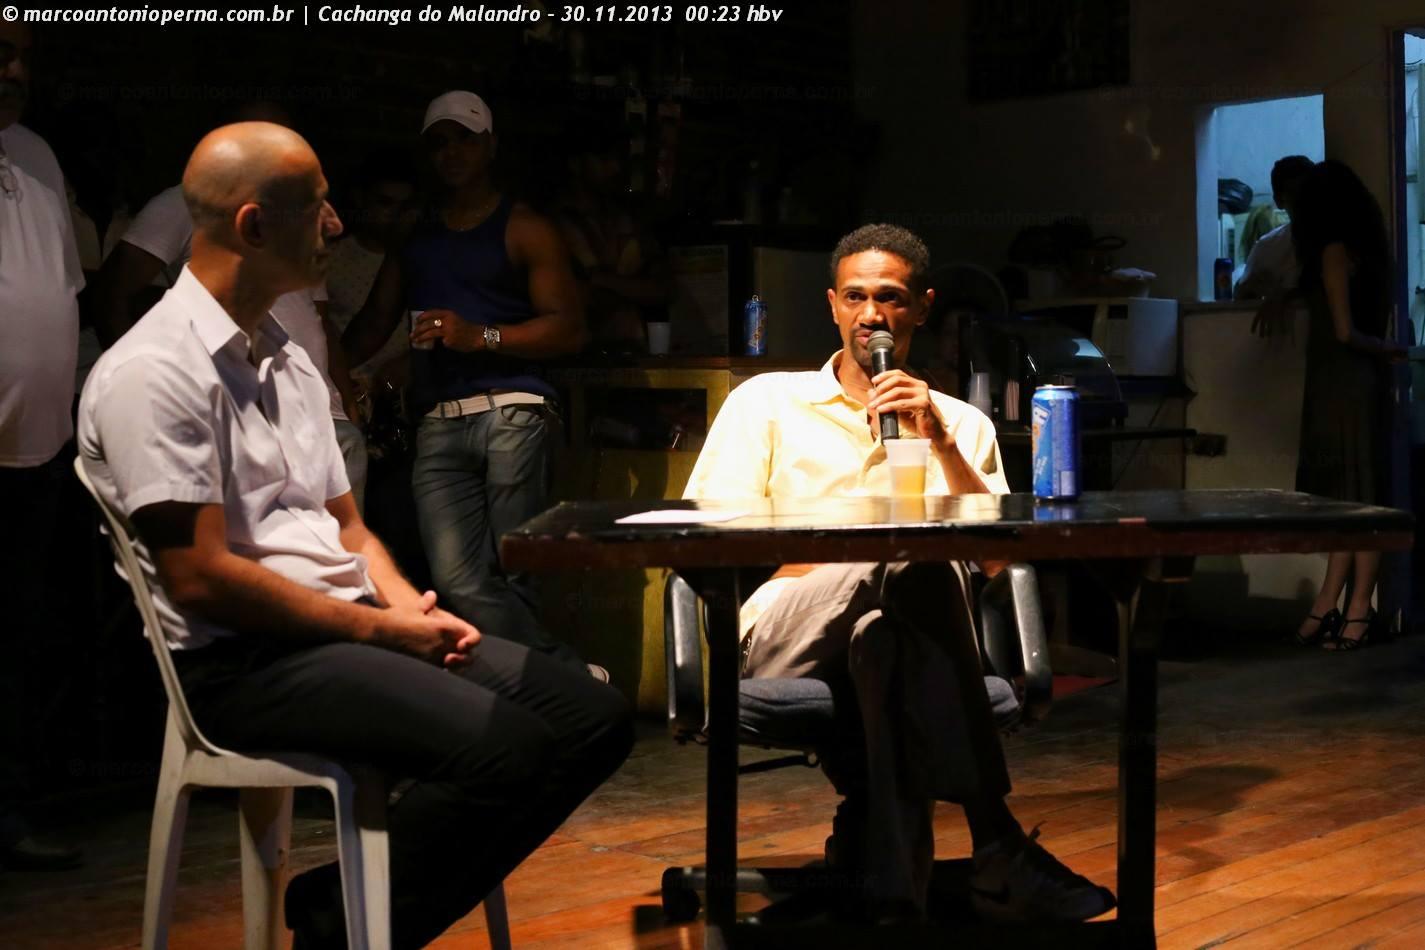 Cachanga do Malandro - 30.11.2013 - Entrevista com João Carlos Ramos e baile.